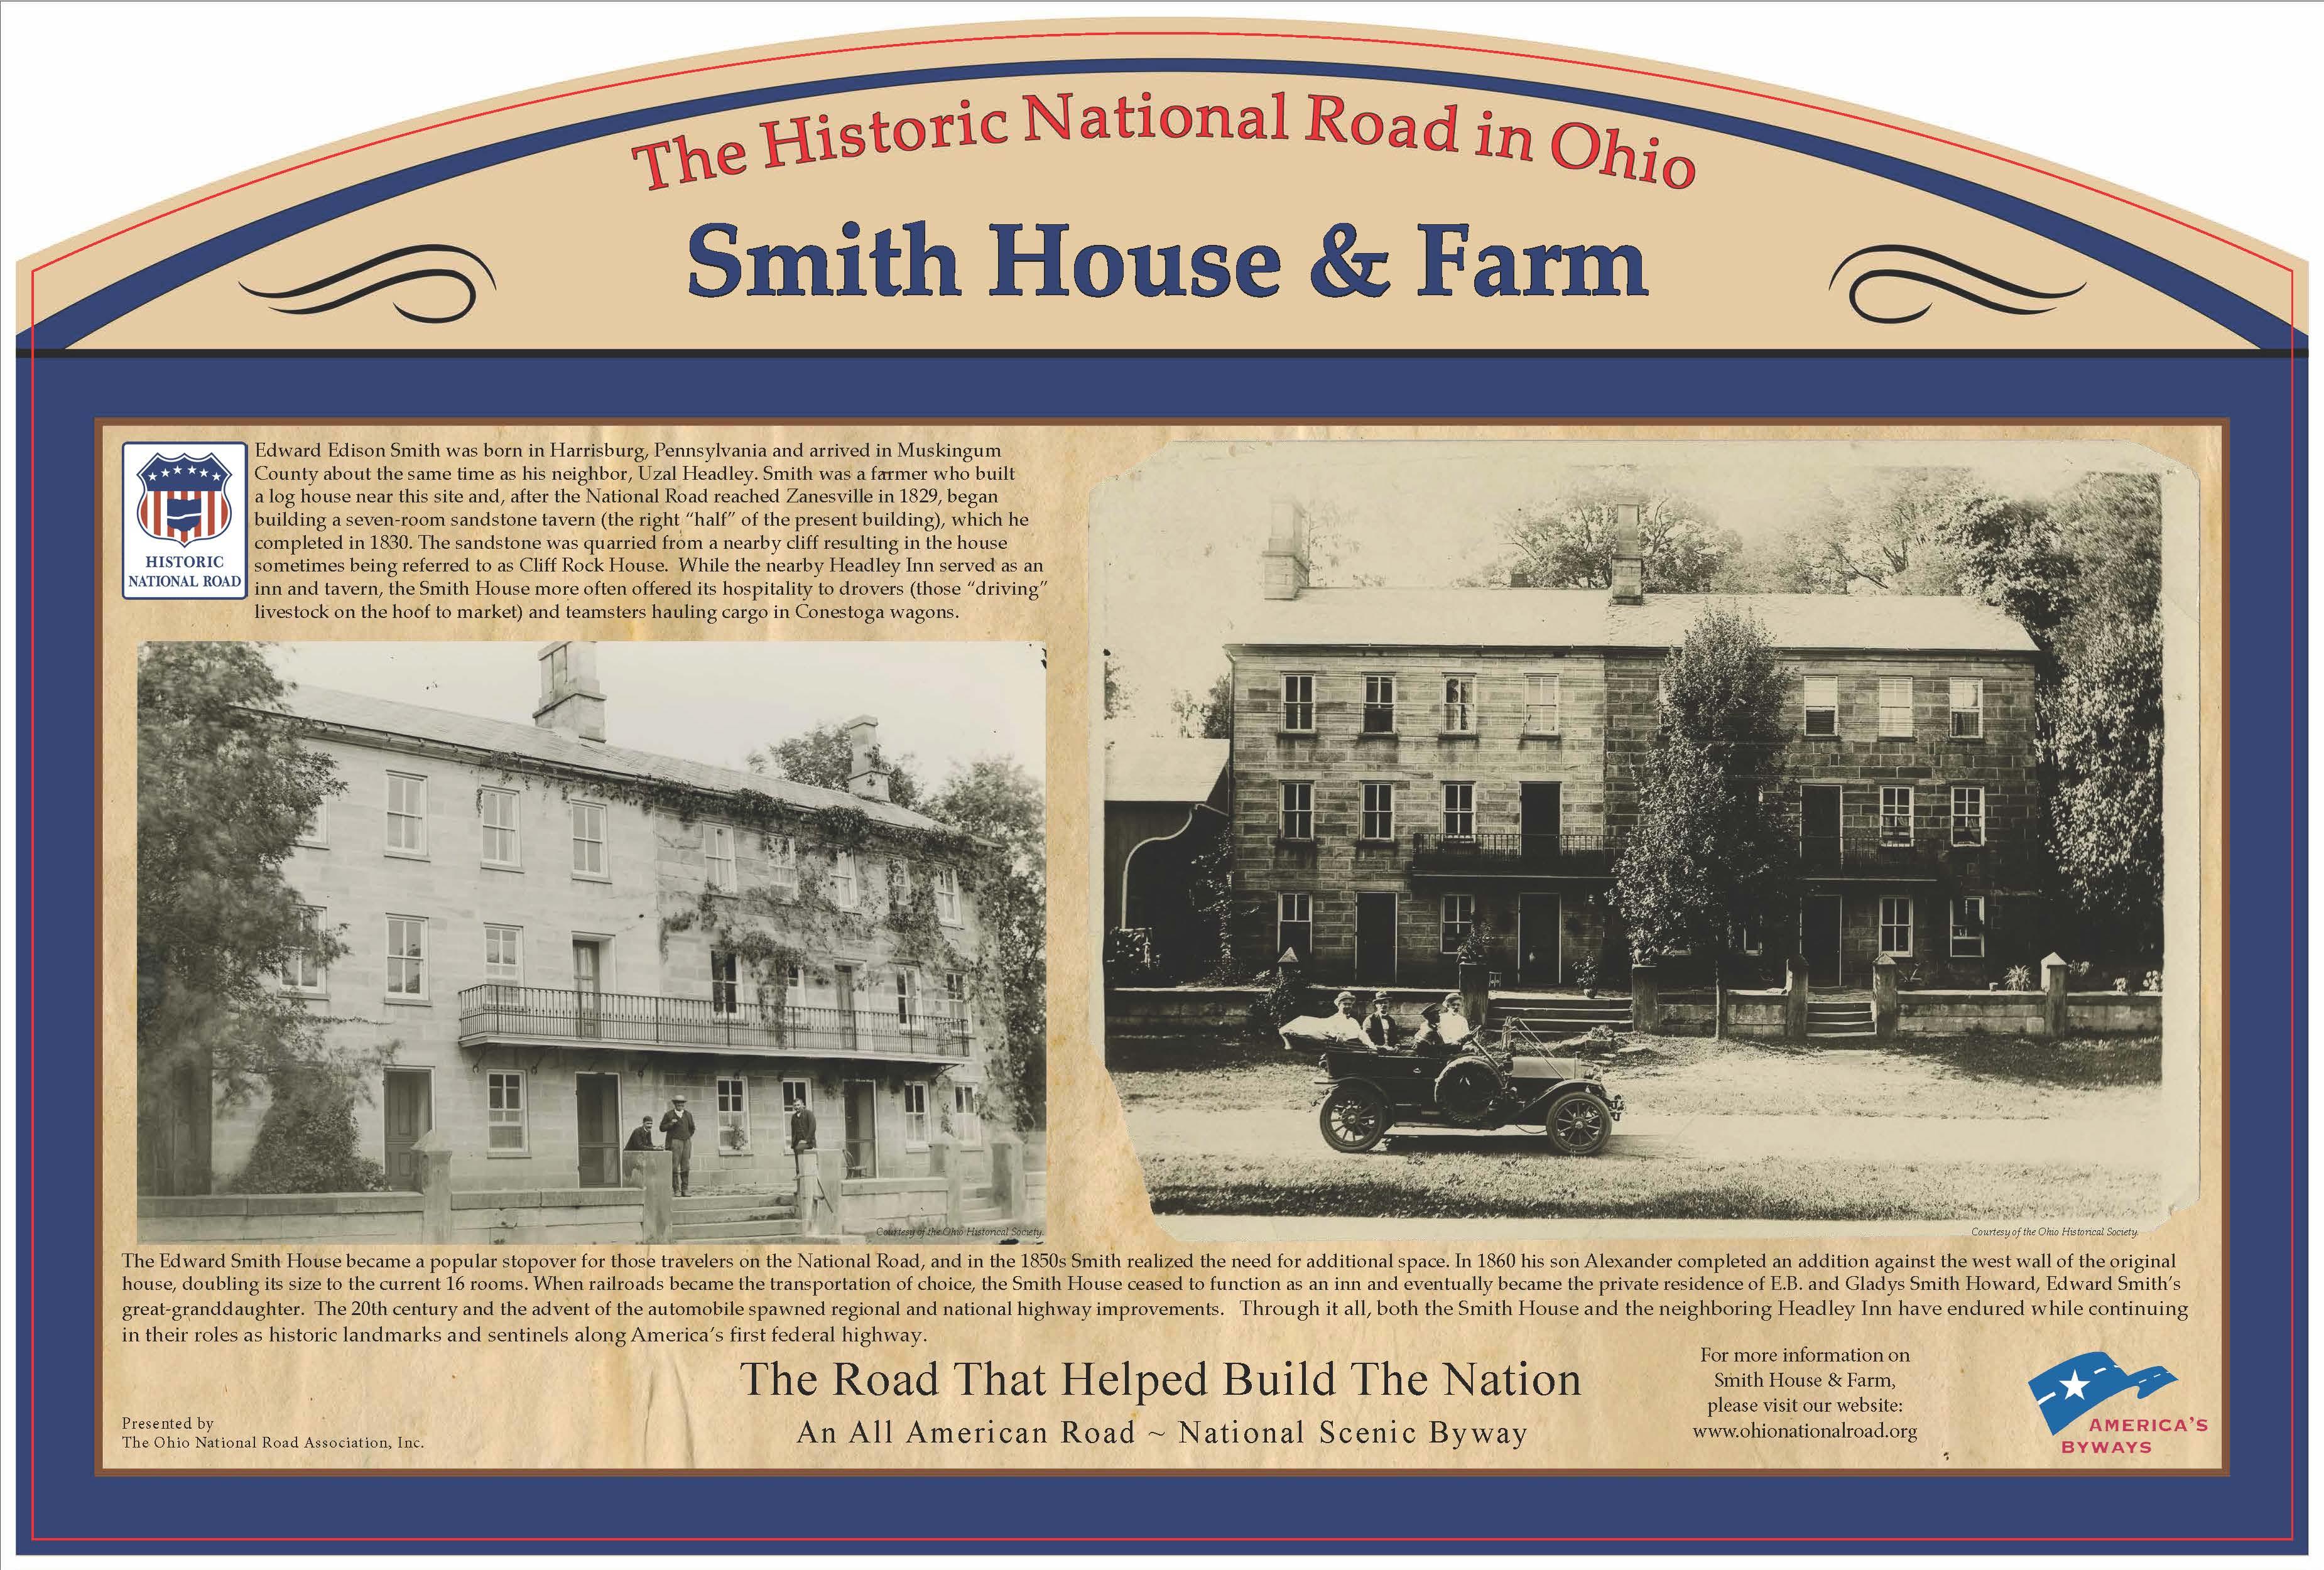 SmithHouse&Farm